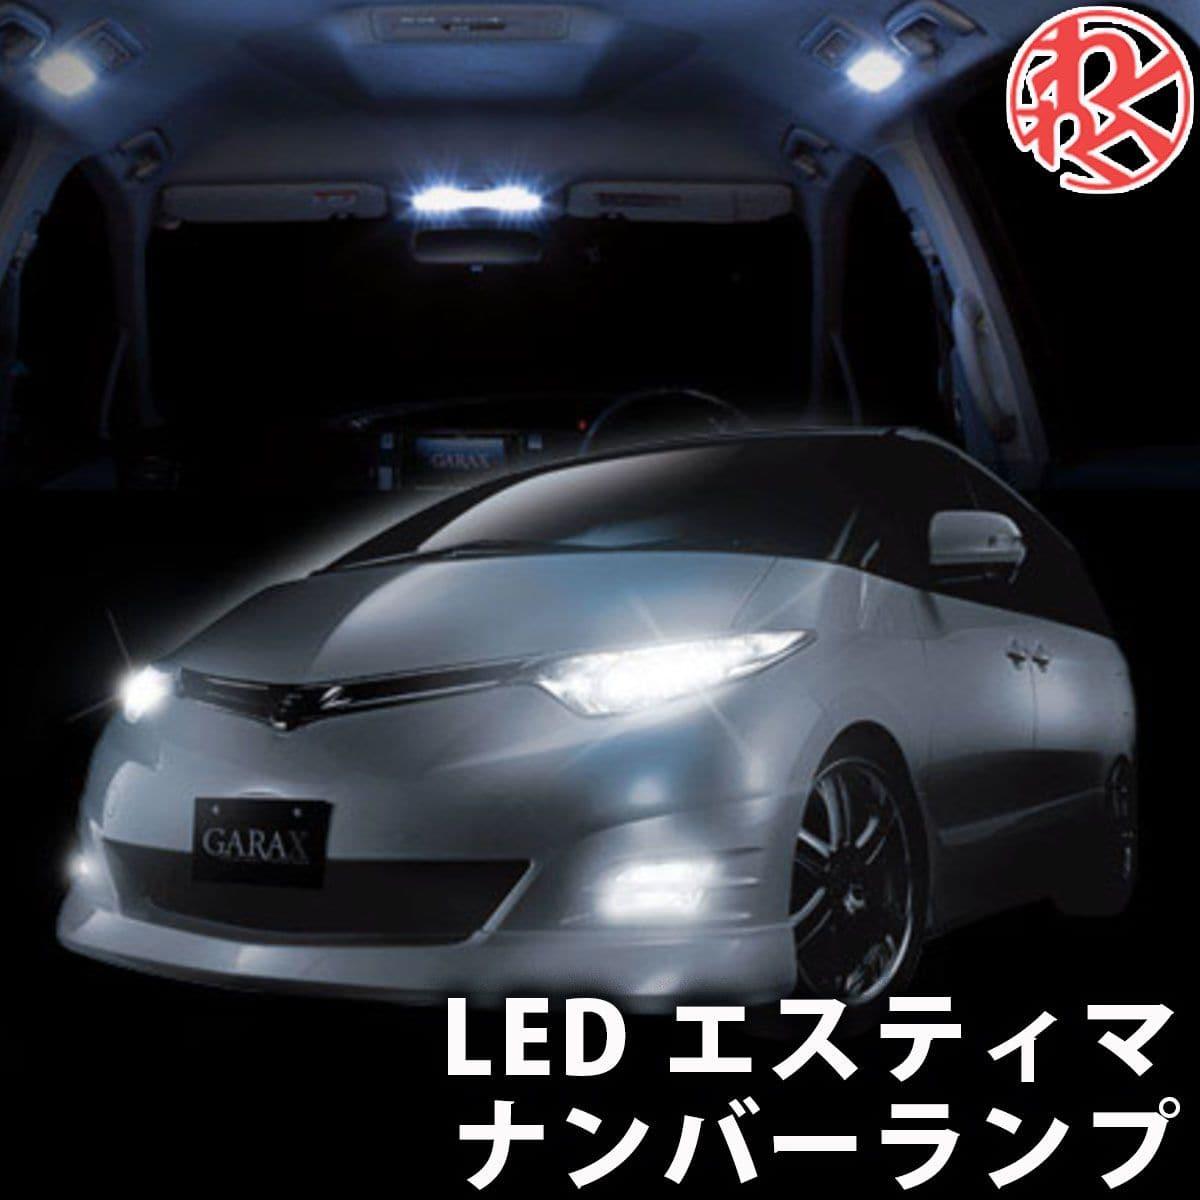 アウトレット品 K-SPEC GARAX ギャラクス LED ナンバーランプ GSR 55W 爆売り 50W エスティマ 高品質 ACR